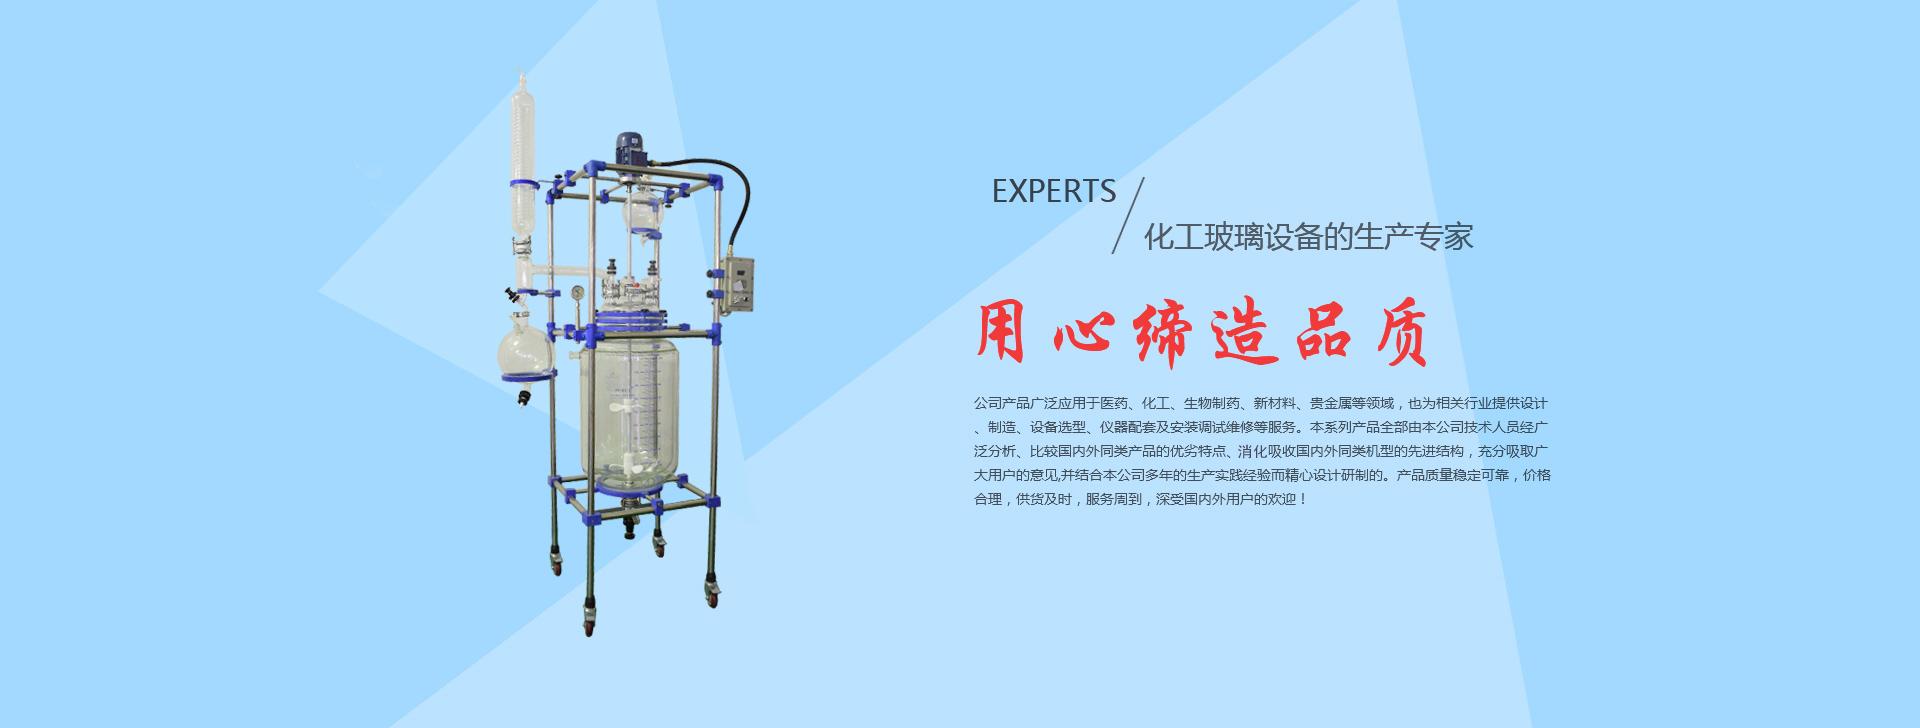 化工玻璃設備的生產專家